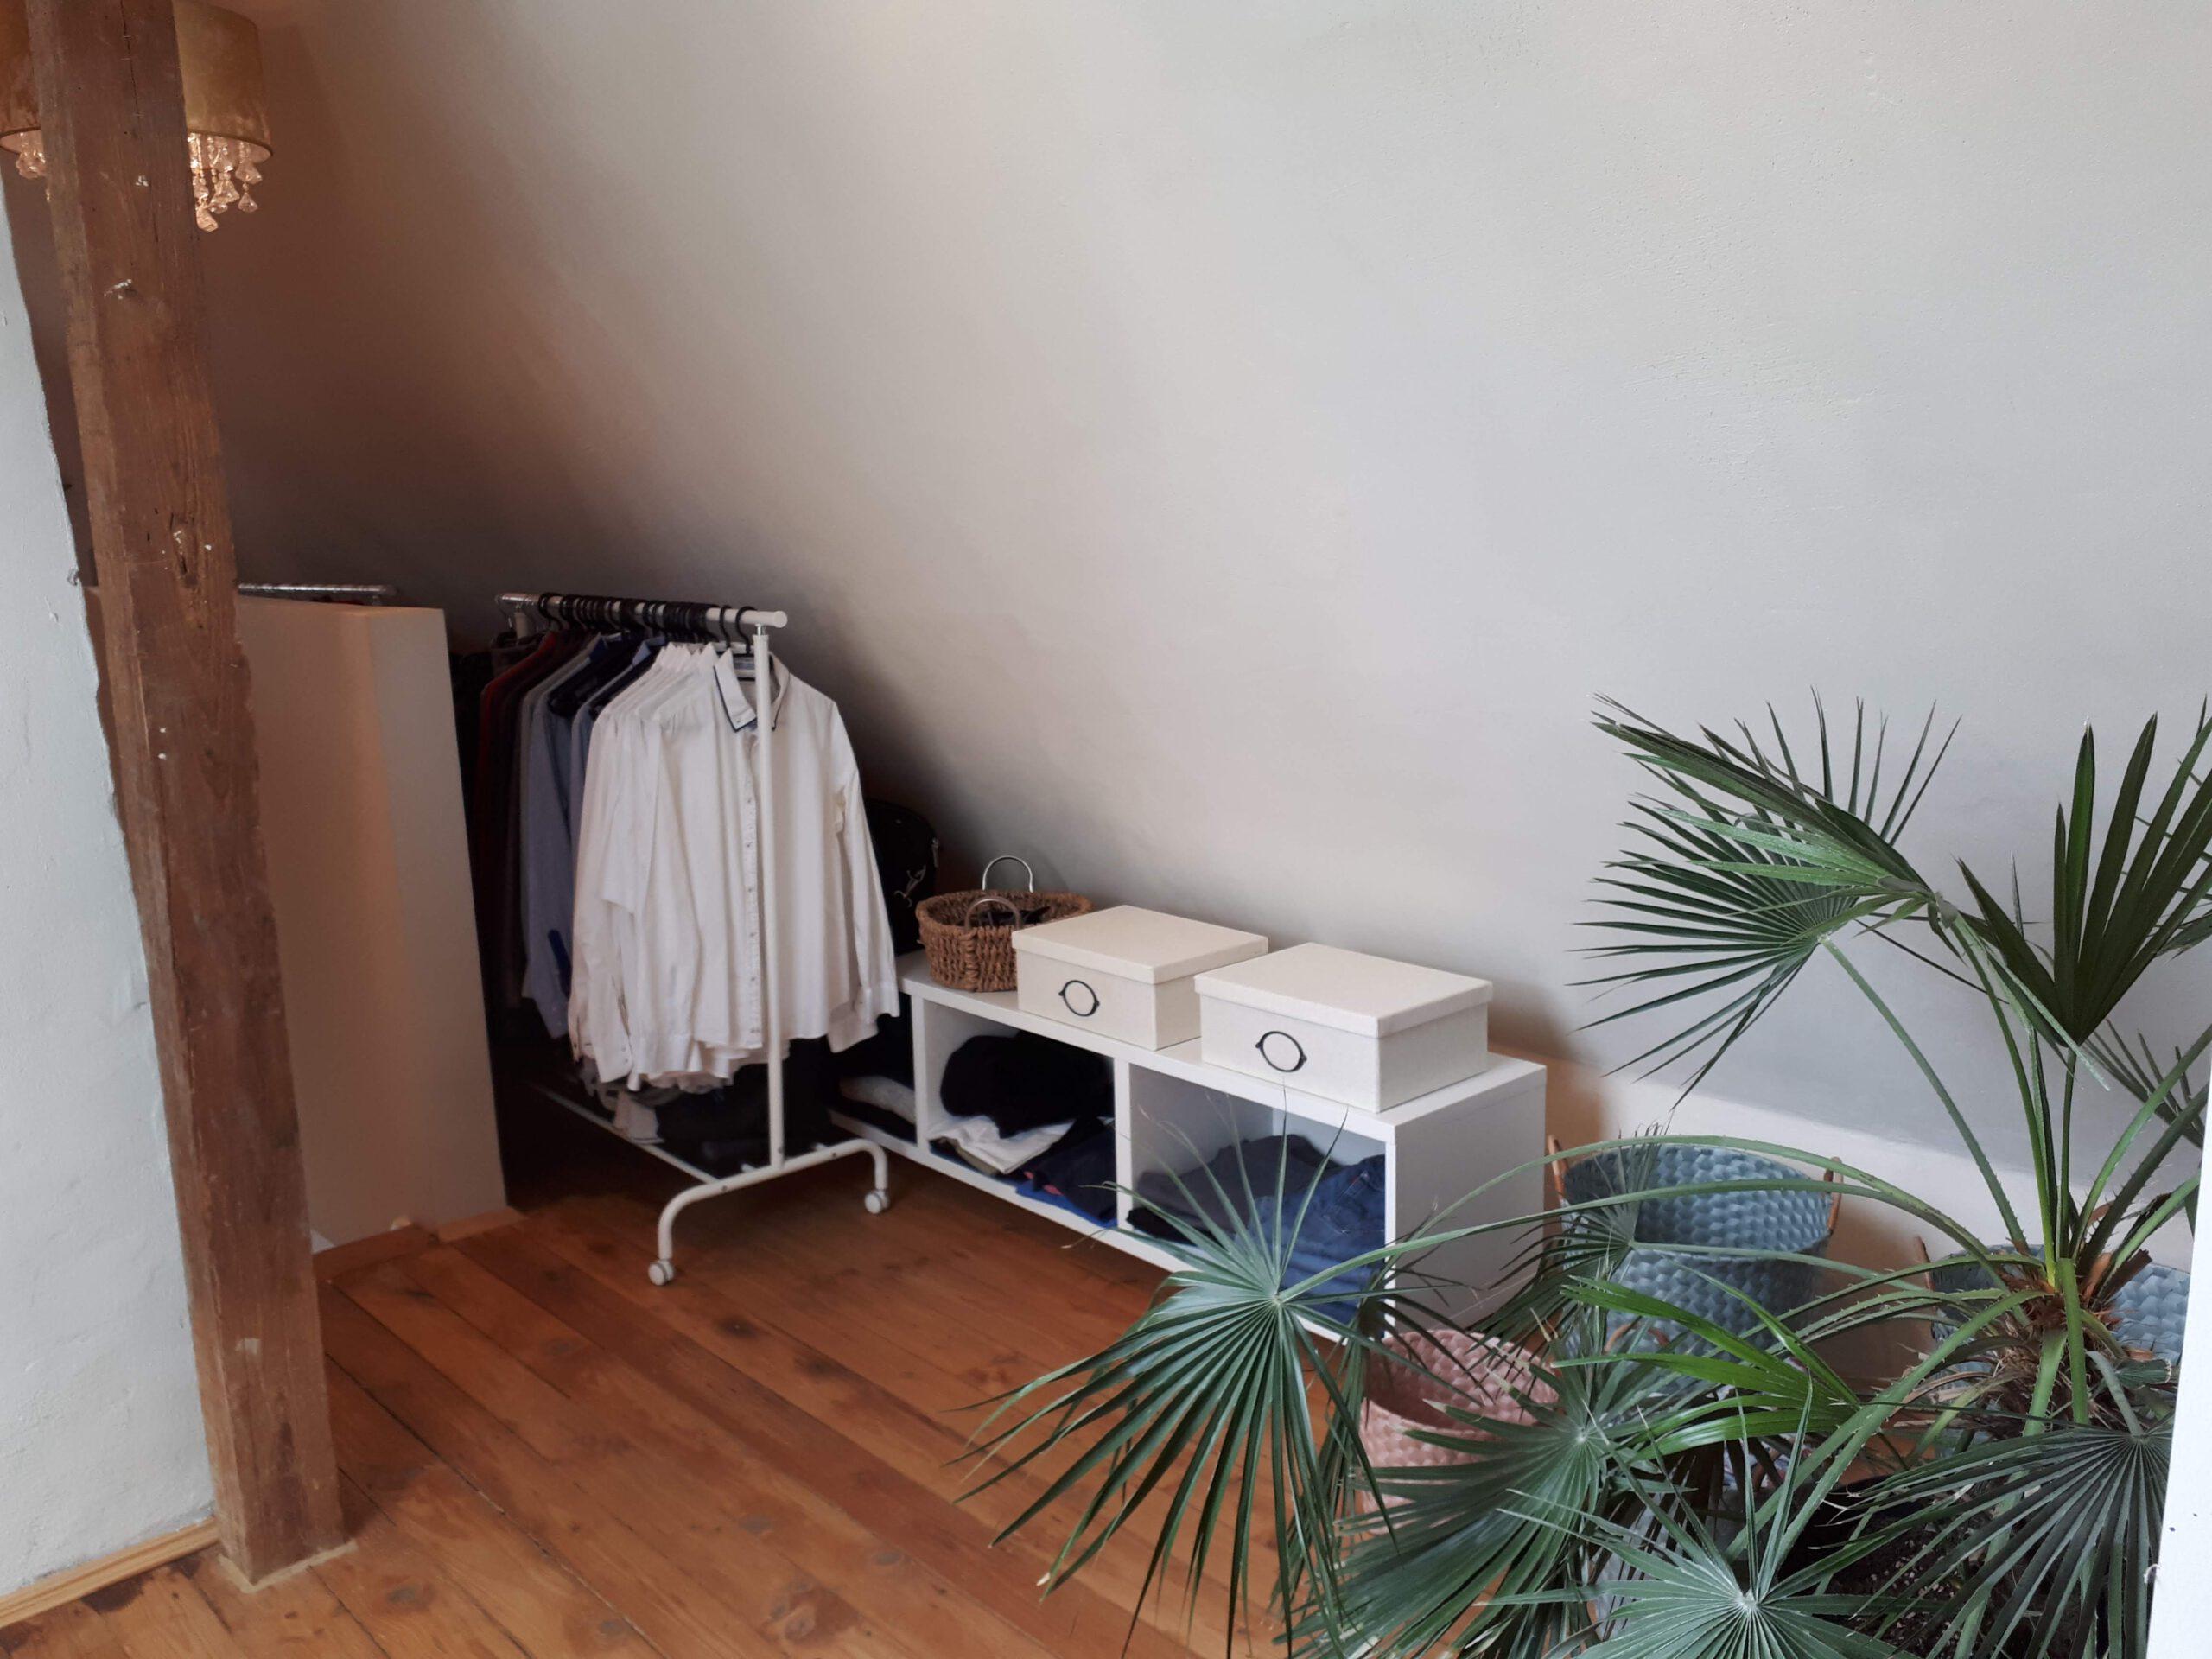 Ausziehbare Kleiderstanden im offenen Kleiderbereich des ausgebauten Dachgeschosses.